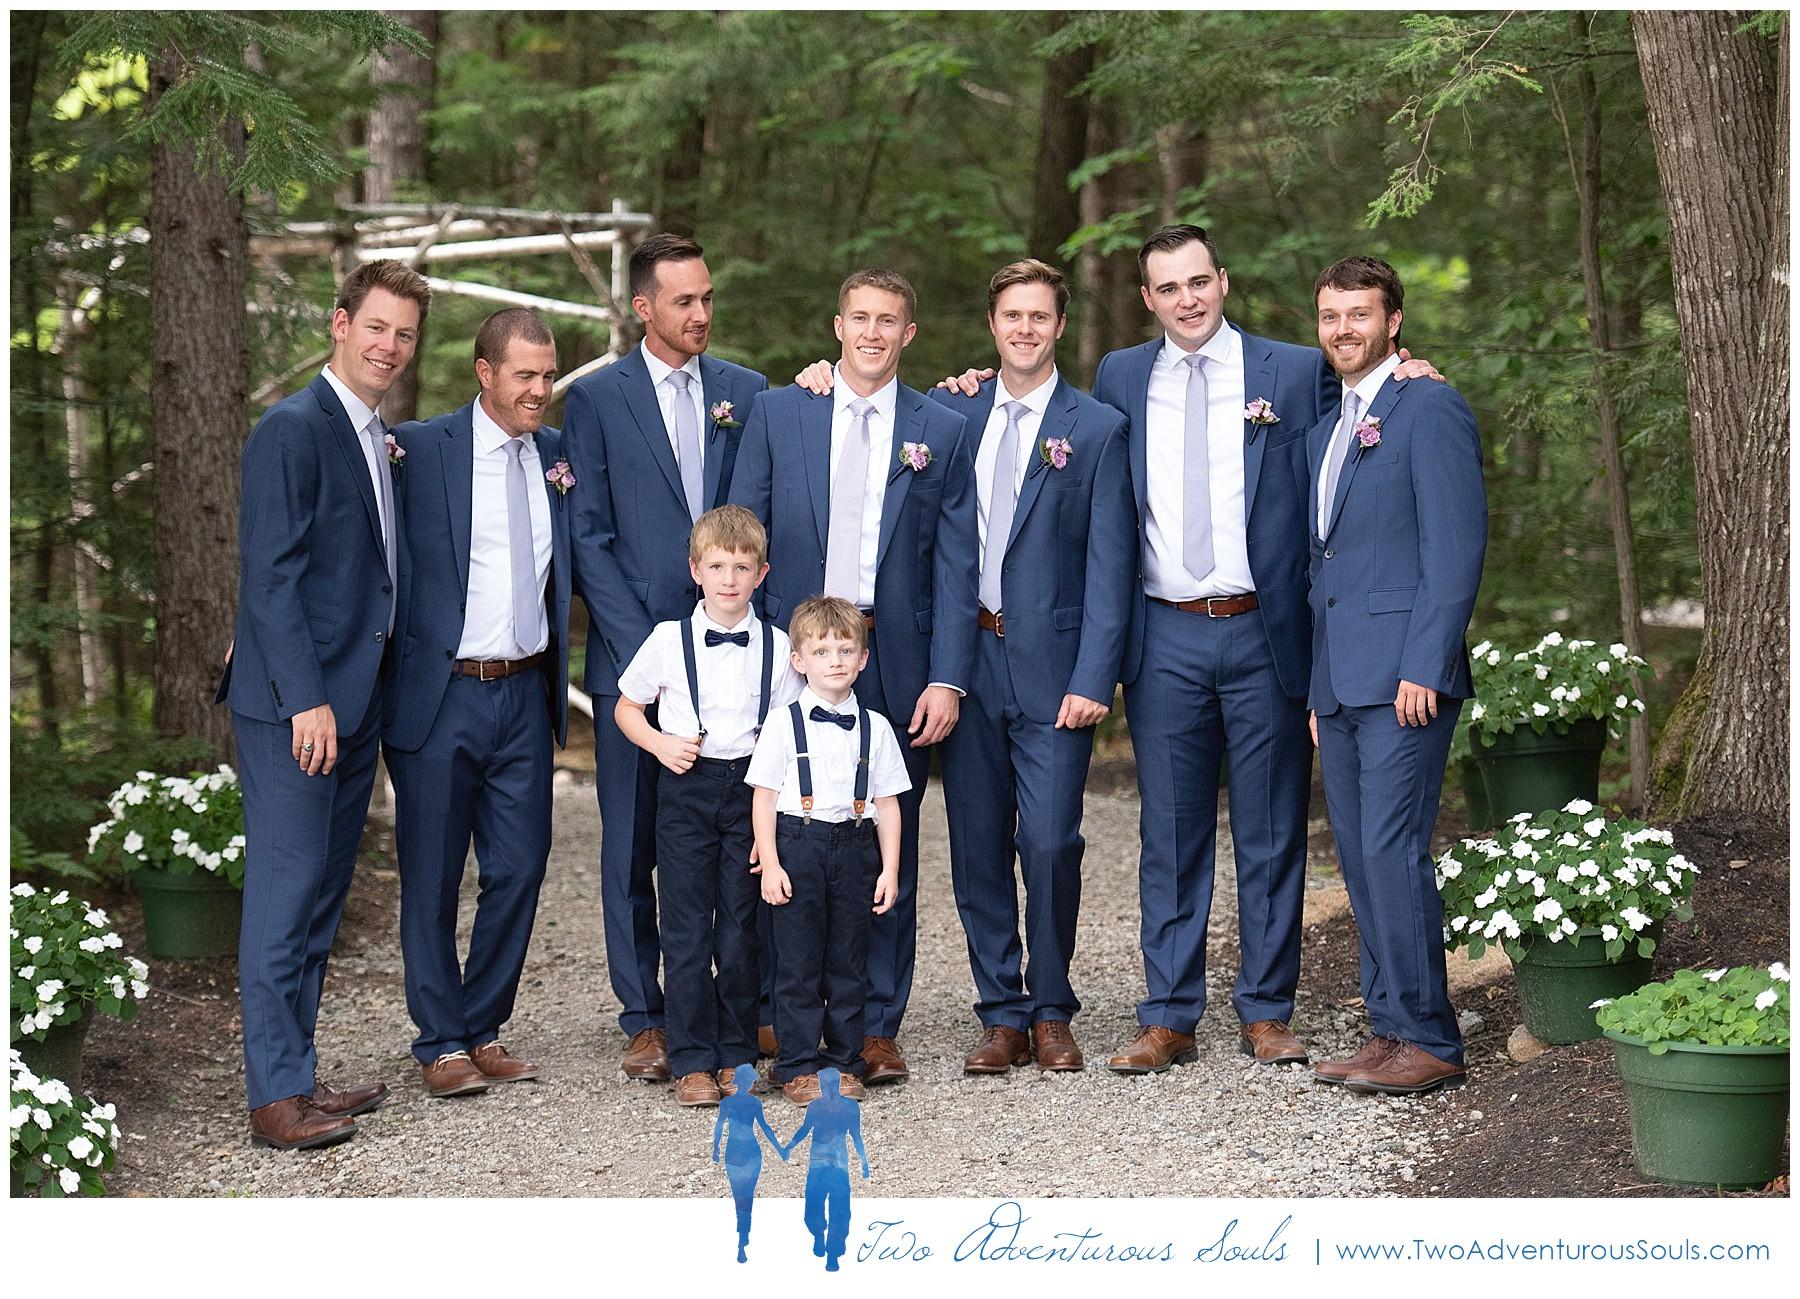 Maine Wedding Photographers, Granite Ridge Estate Wedding Photographers, Two Adventurous Souls - 080319_0026.jpg